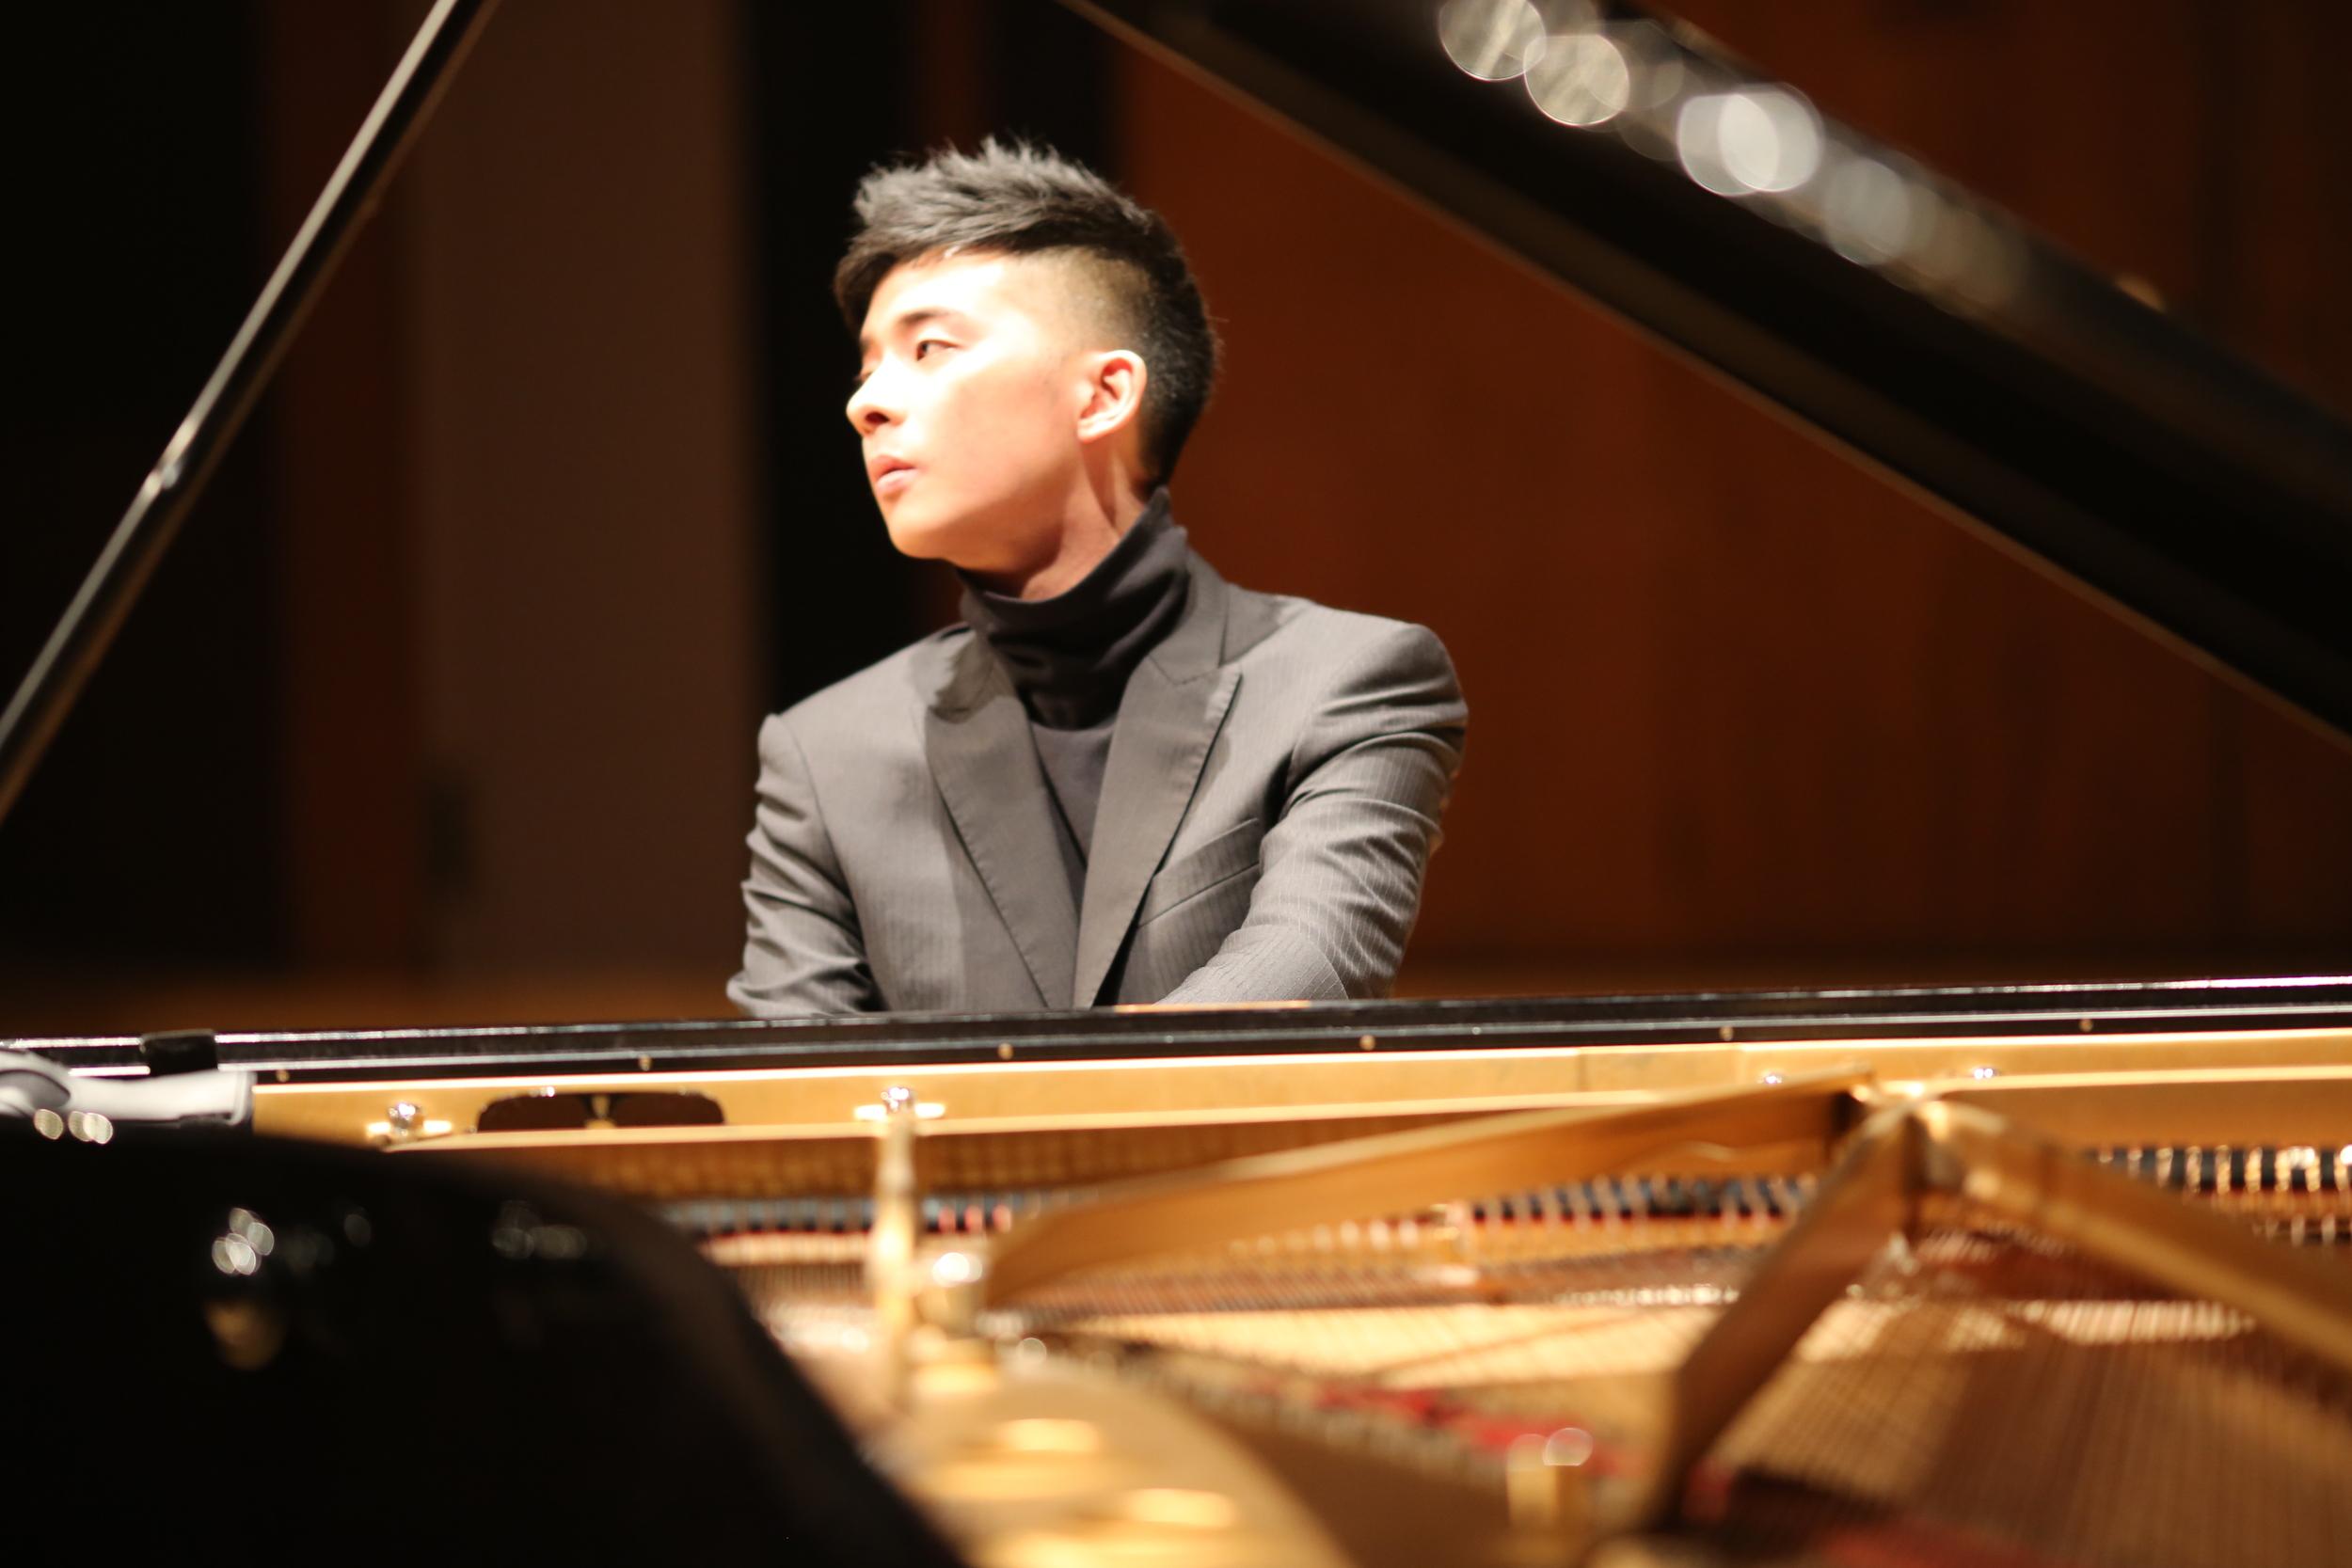 KJ Solo Piano Recital: Tribute to Death